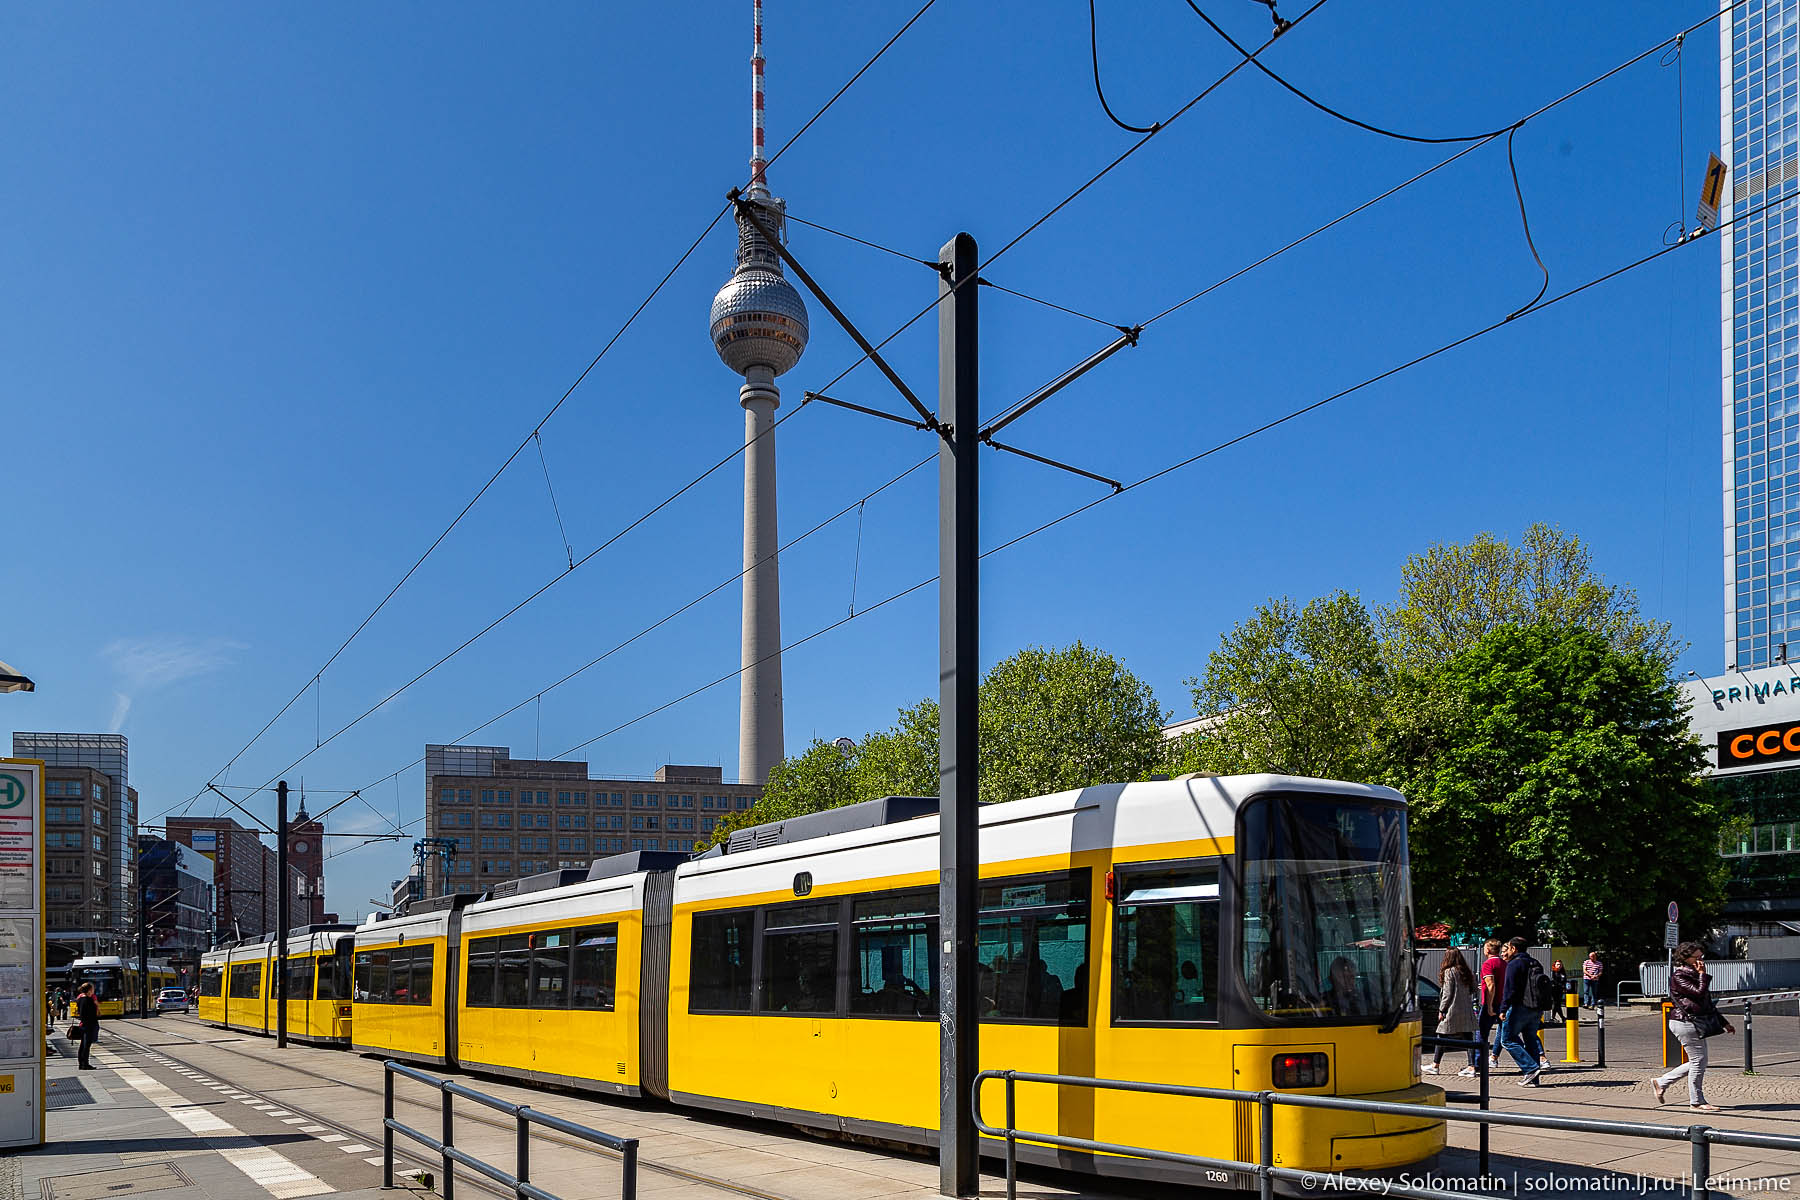 Прощай, Берлин. Берлин на один день.